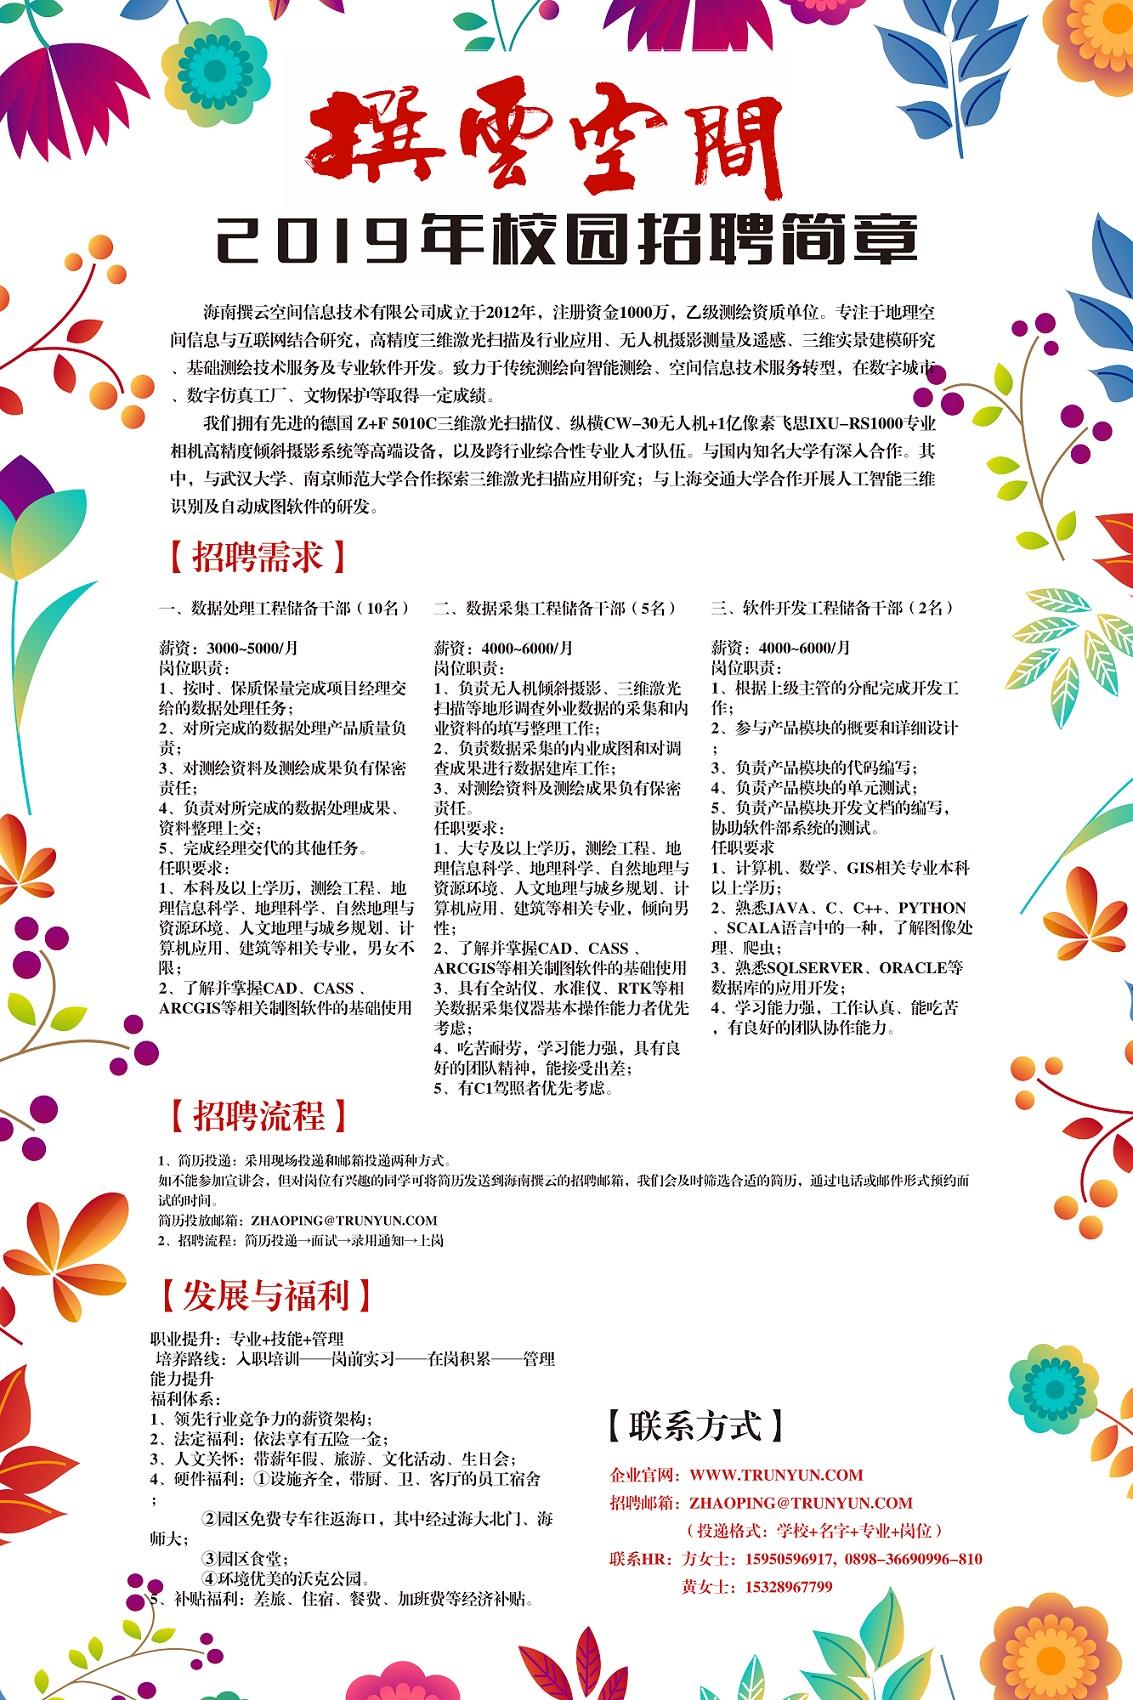 海南撰云空间信息技术有限公司宣讲会